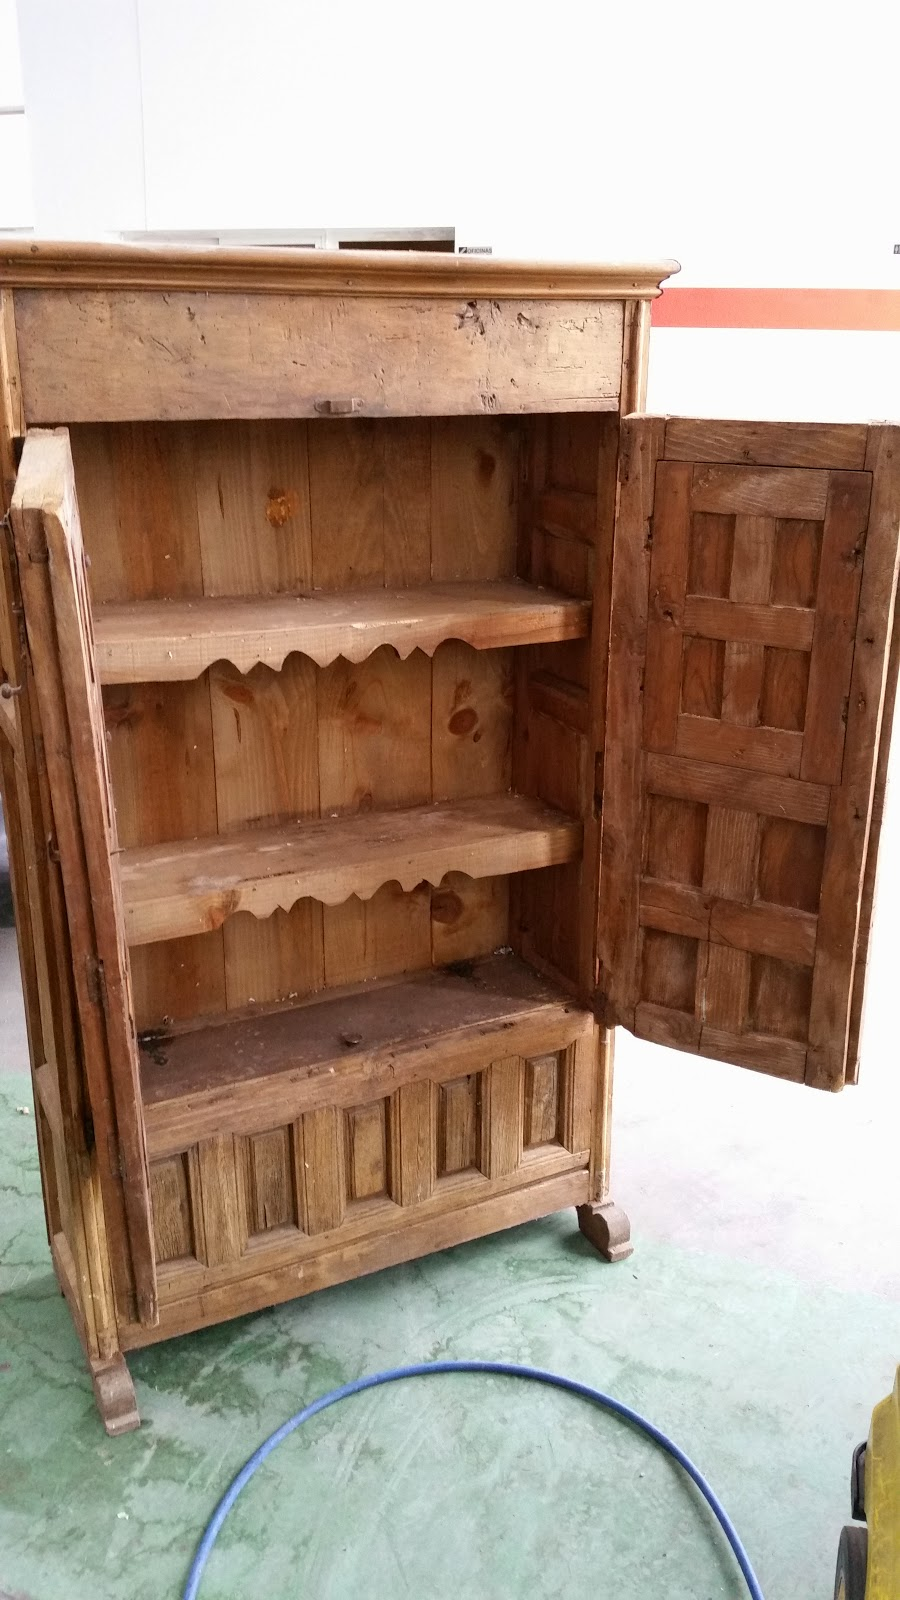 El garaje de quique restaurar mueble de pino castellano - Muebles para garaje ...